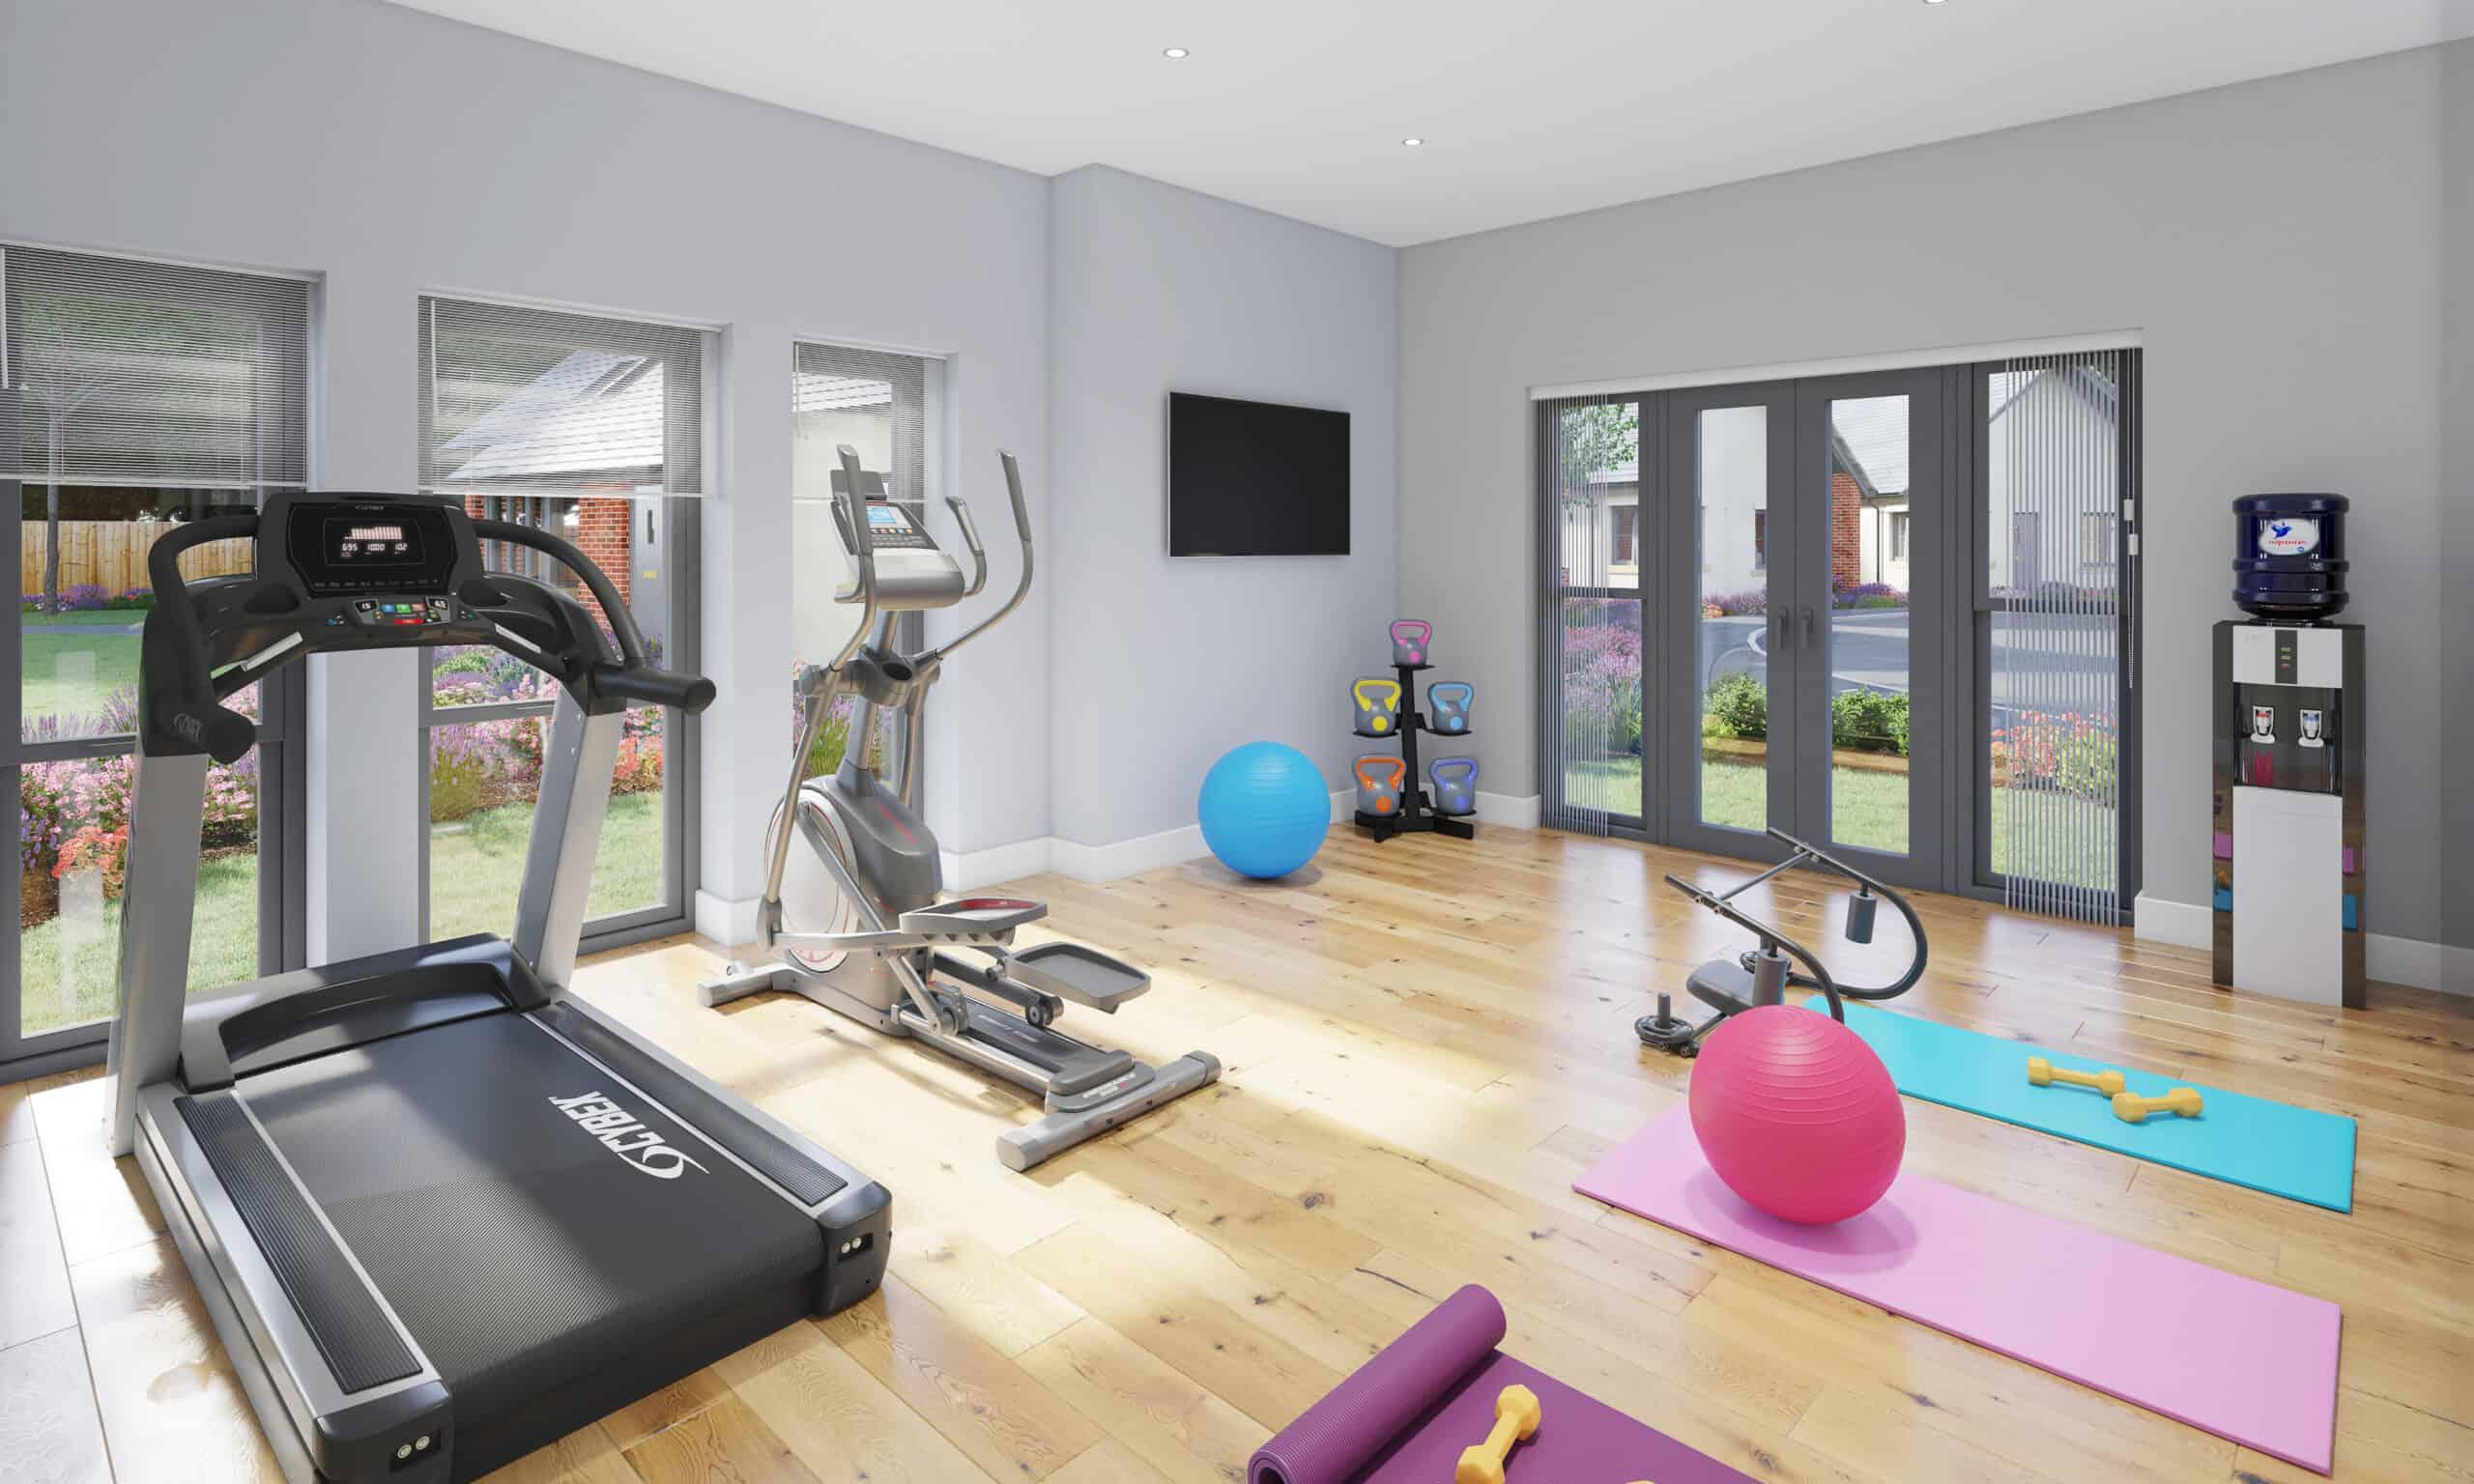 Kingsdown-Rd_BlockA_Fitness-Room_HR